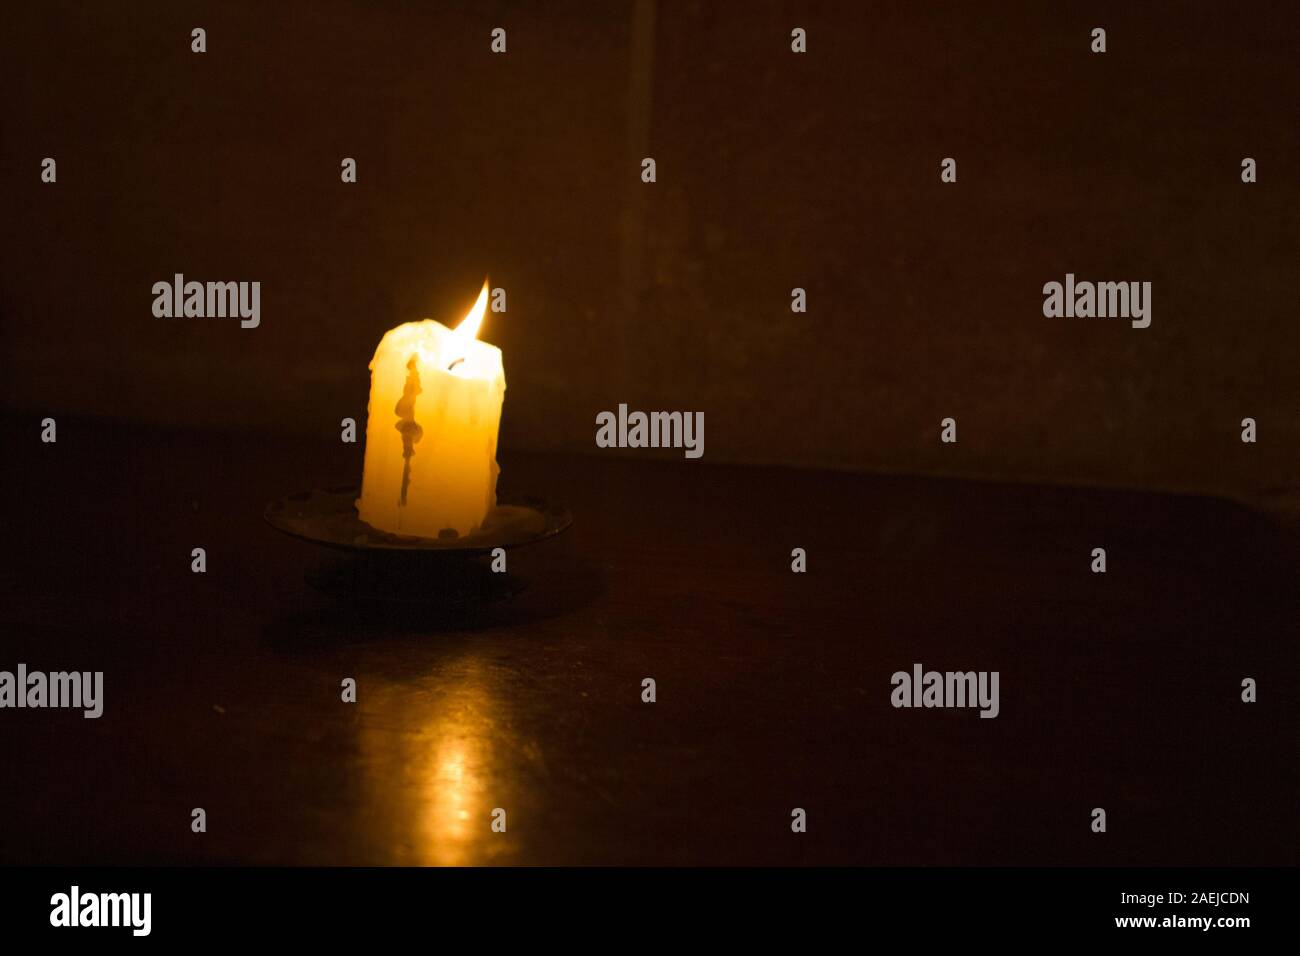 Solo velas encendidas en una iglesia aislada contra la oscuridad y una pared oscura como símbolo de creencia, religión, cristianismo Foto de stock